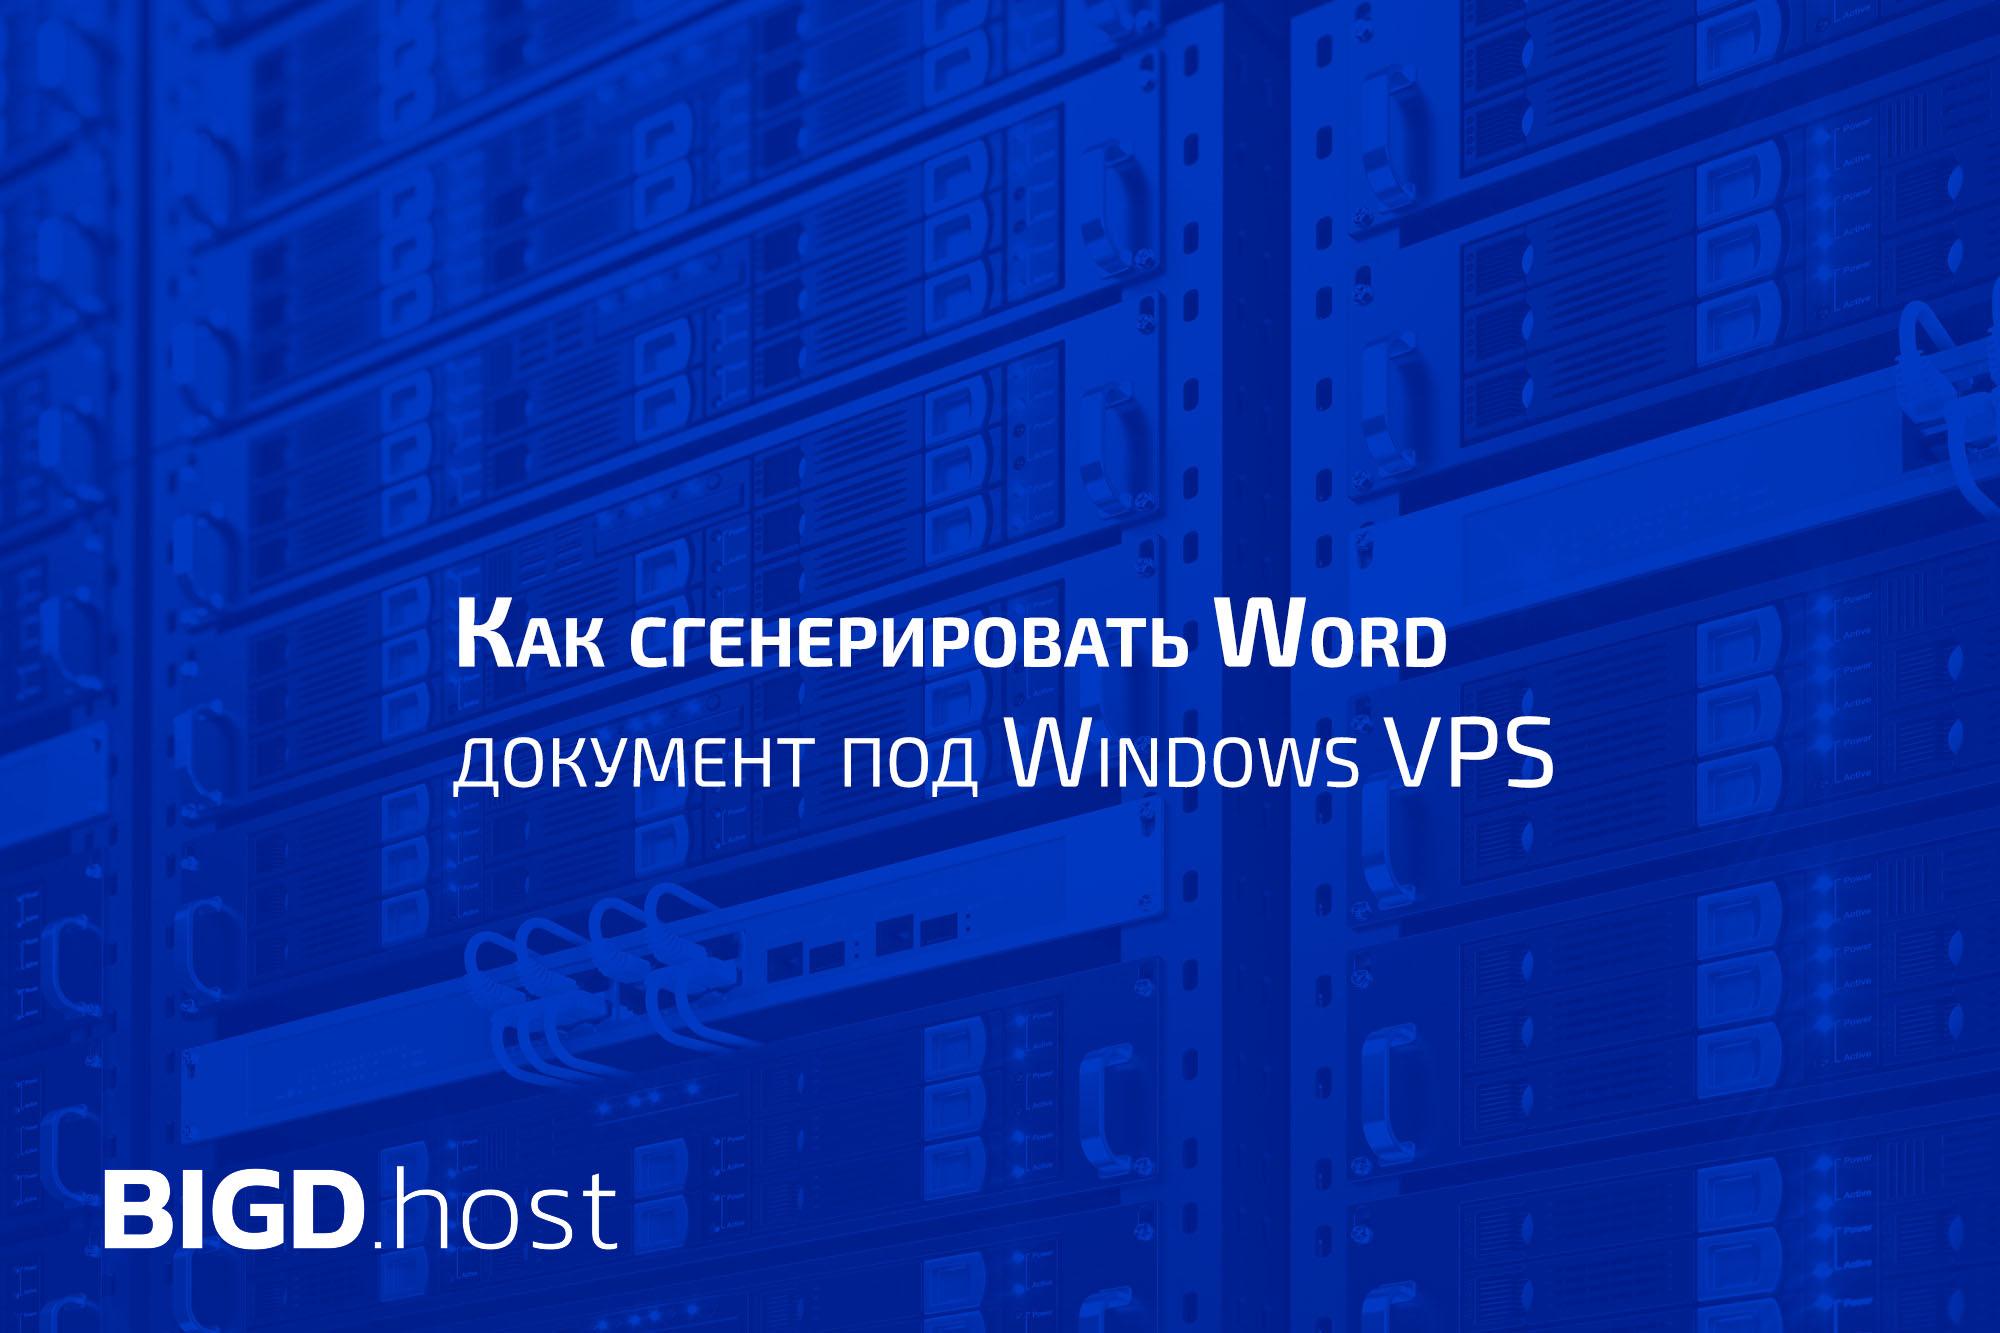 Как сгенерировать Word документ под Windows VPS